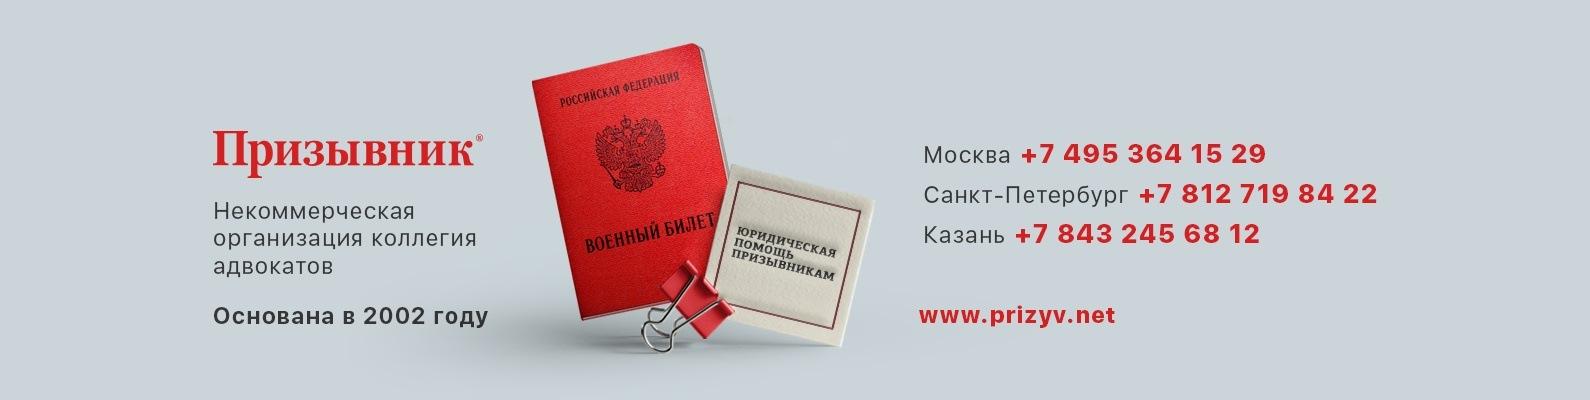 Гдеделают патент на работу граждане узбекистана в самаре